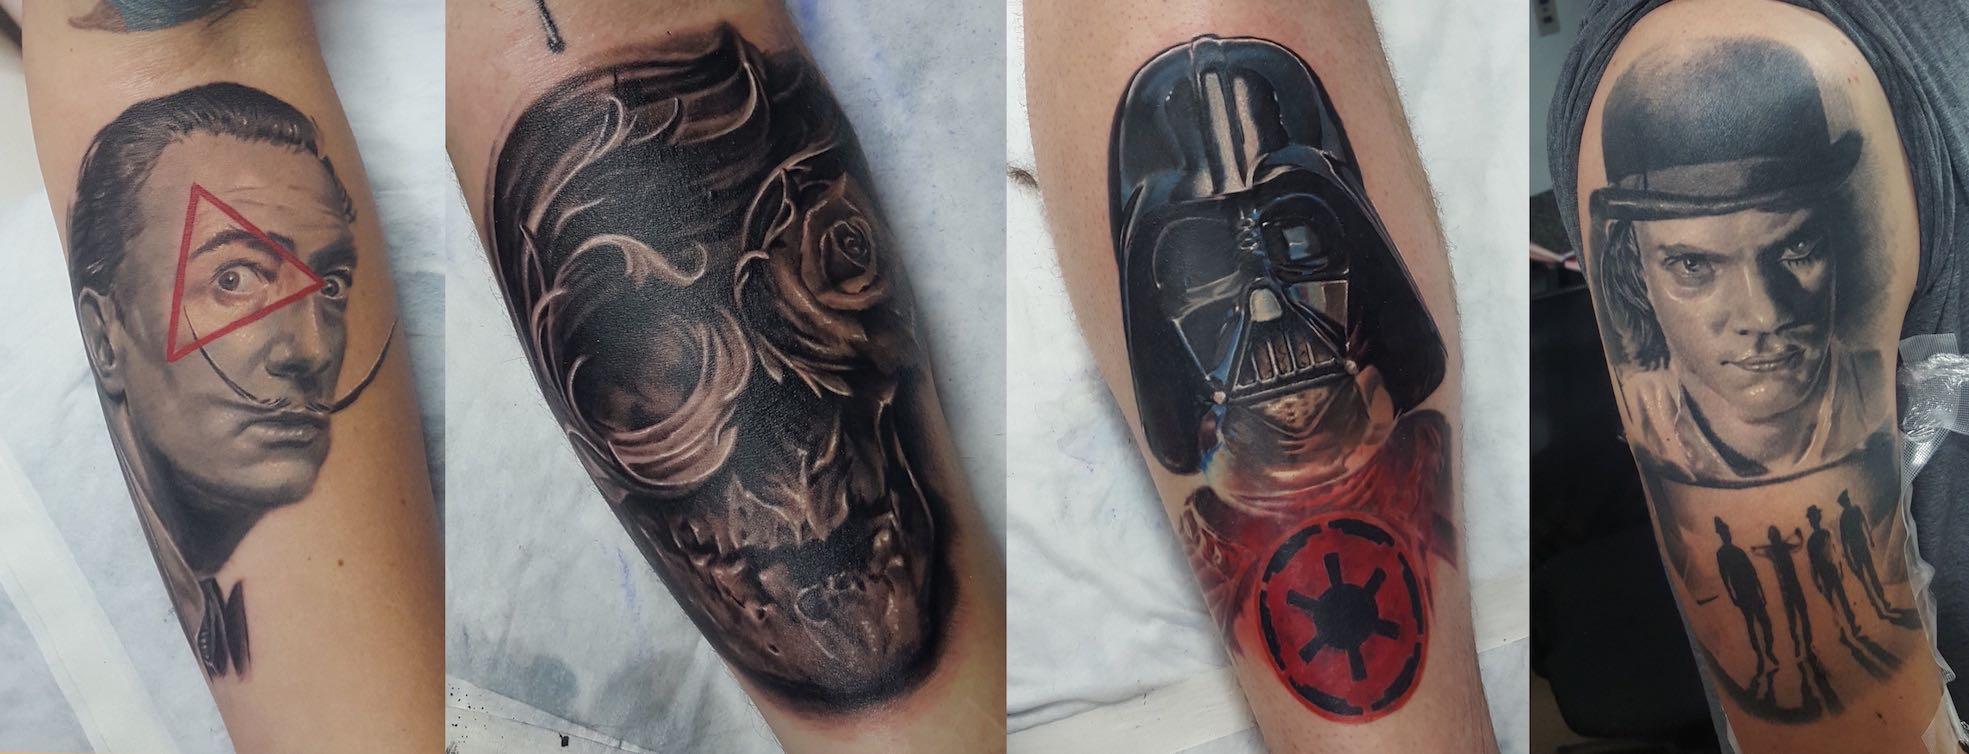 Tattoos done by Nicholas Werner Taljaard of Fallen Heroes